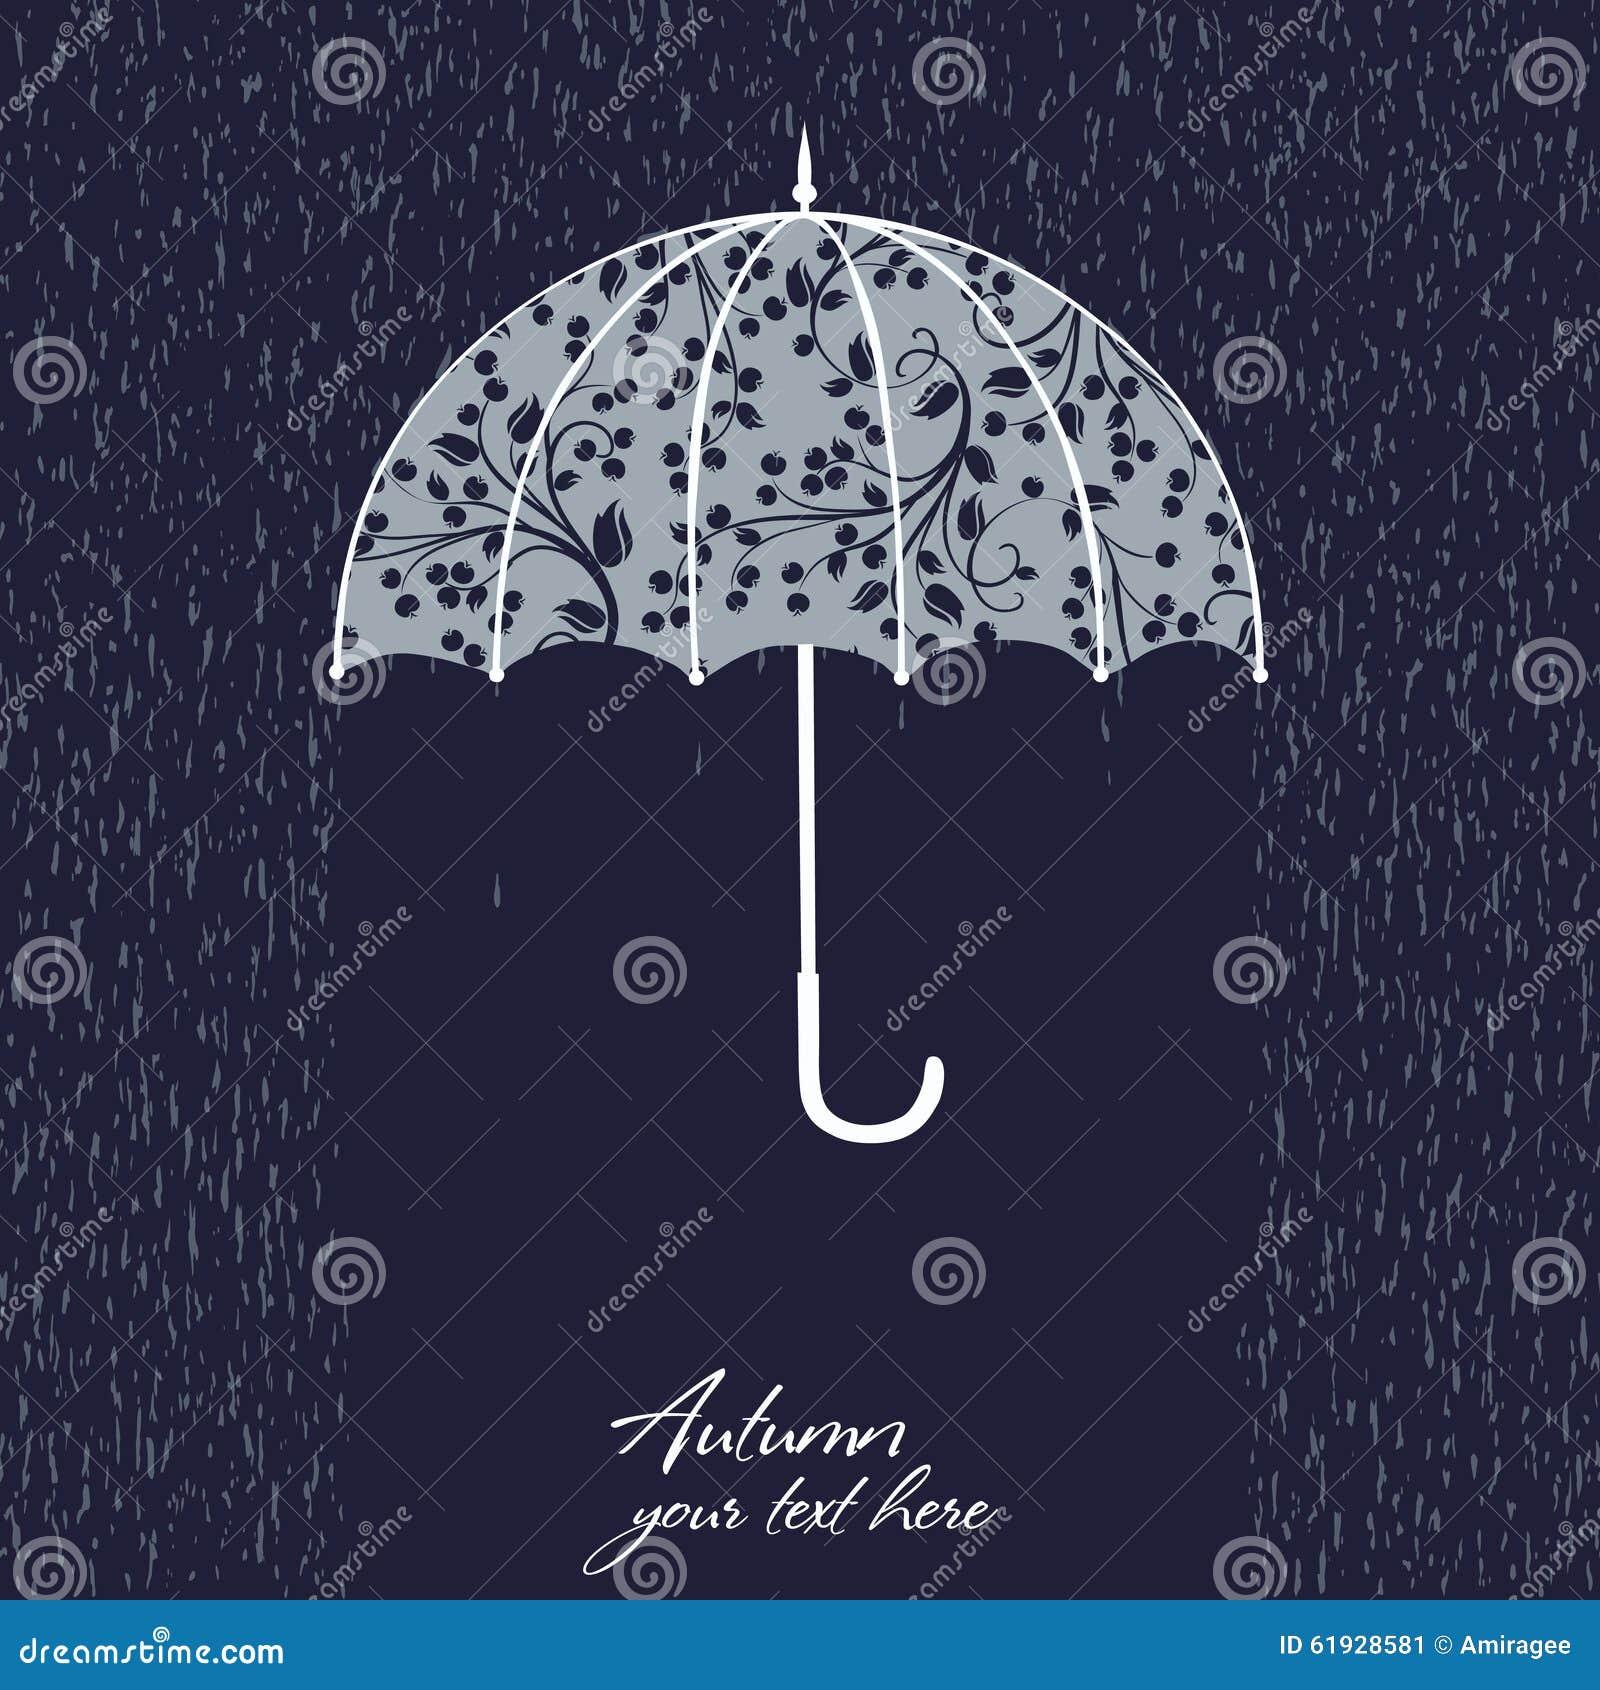 Illustration of retro umbrella